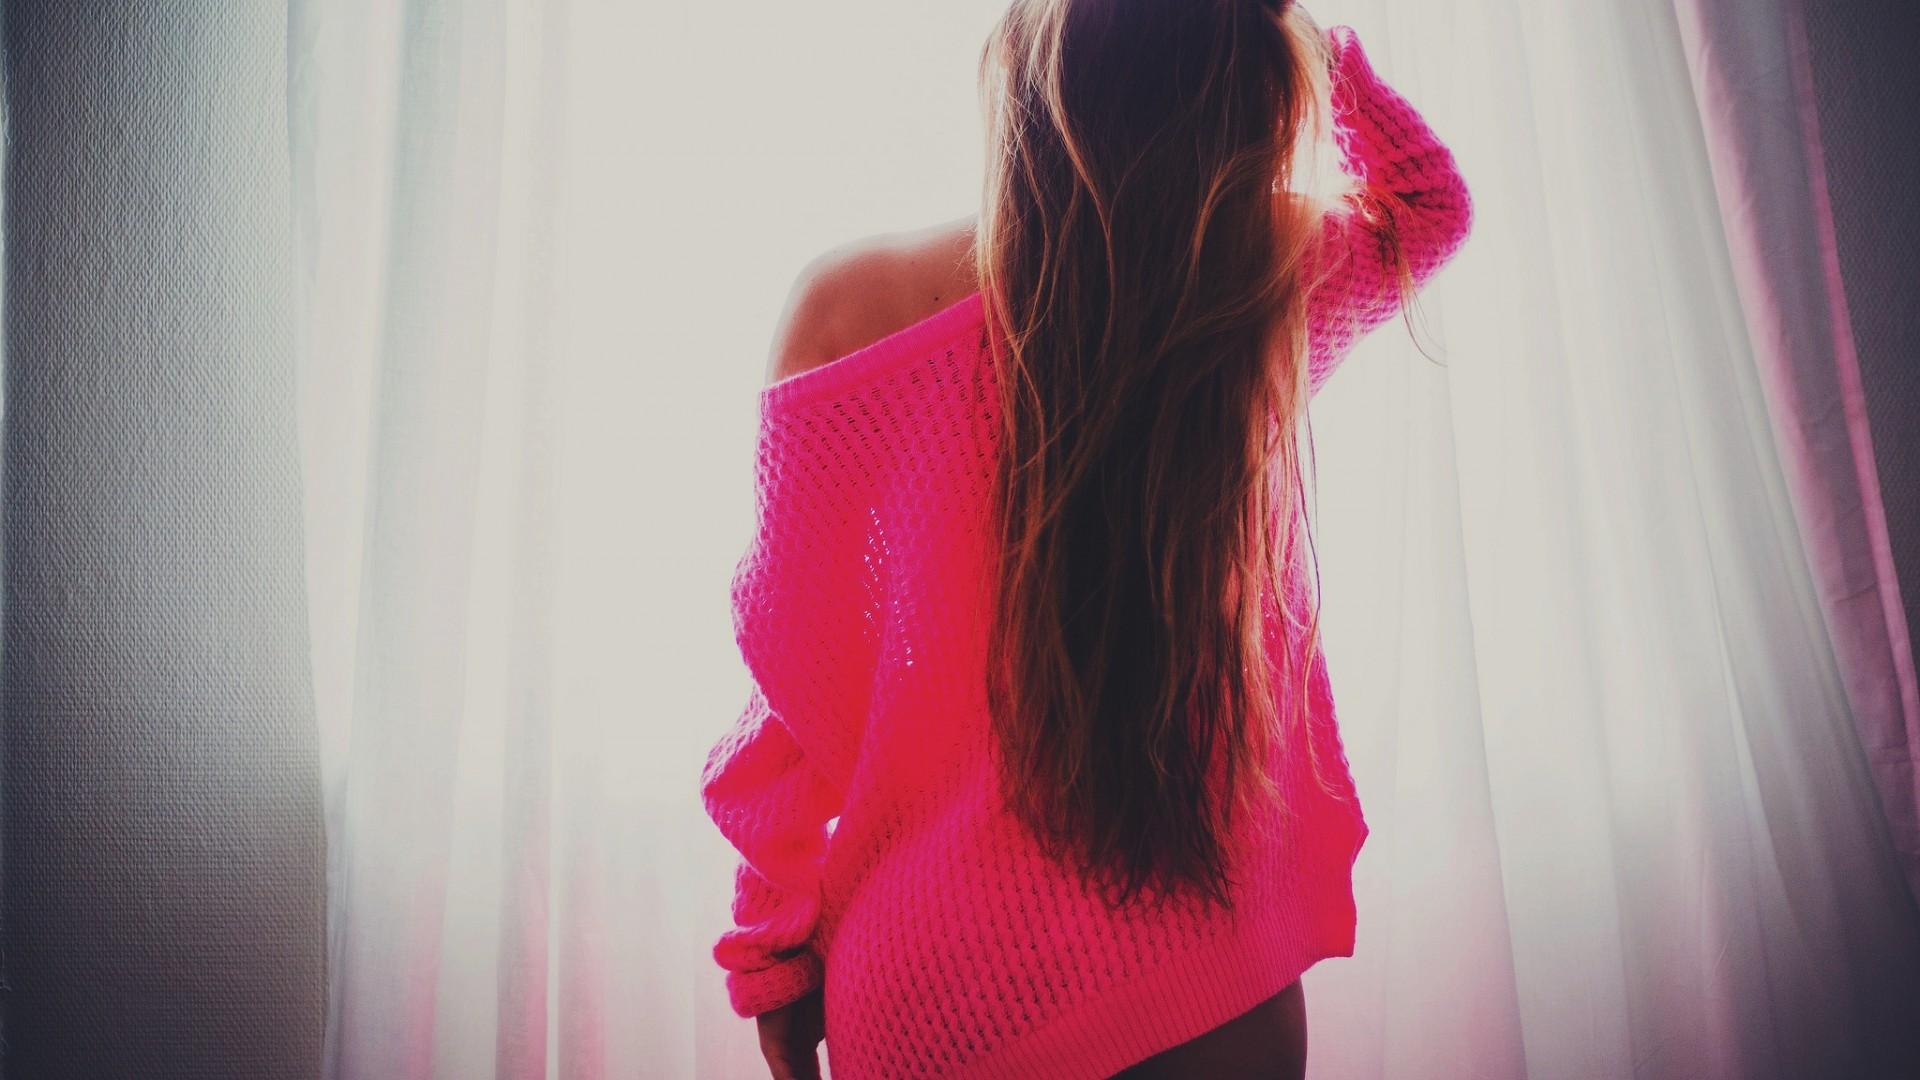 Фото на аву для девушек со спины новые